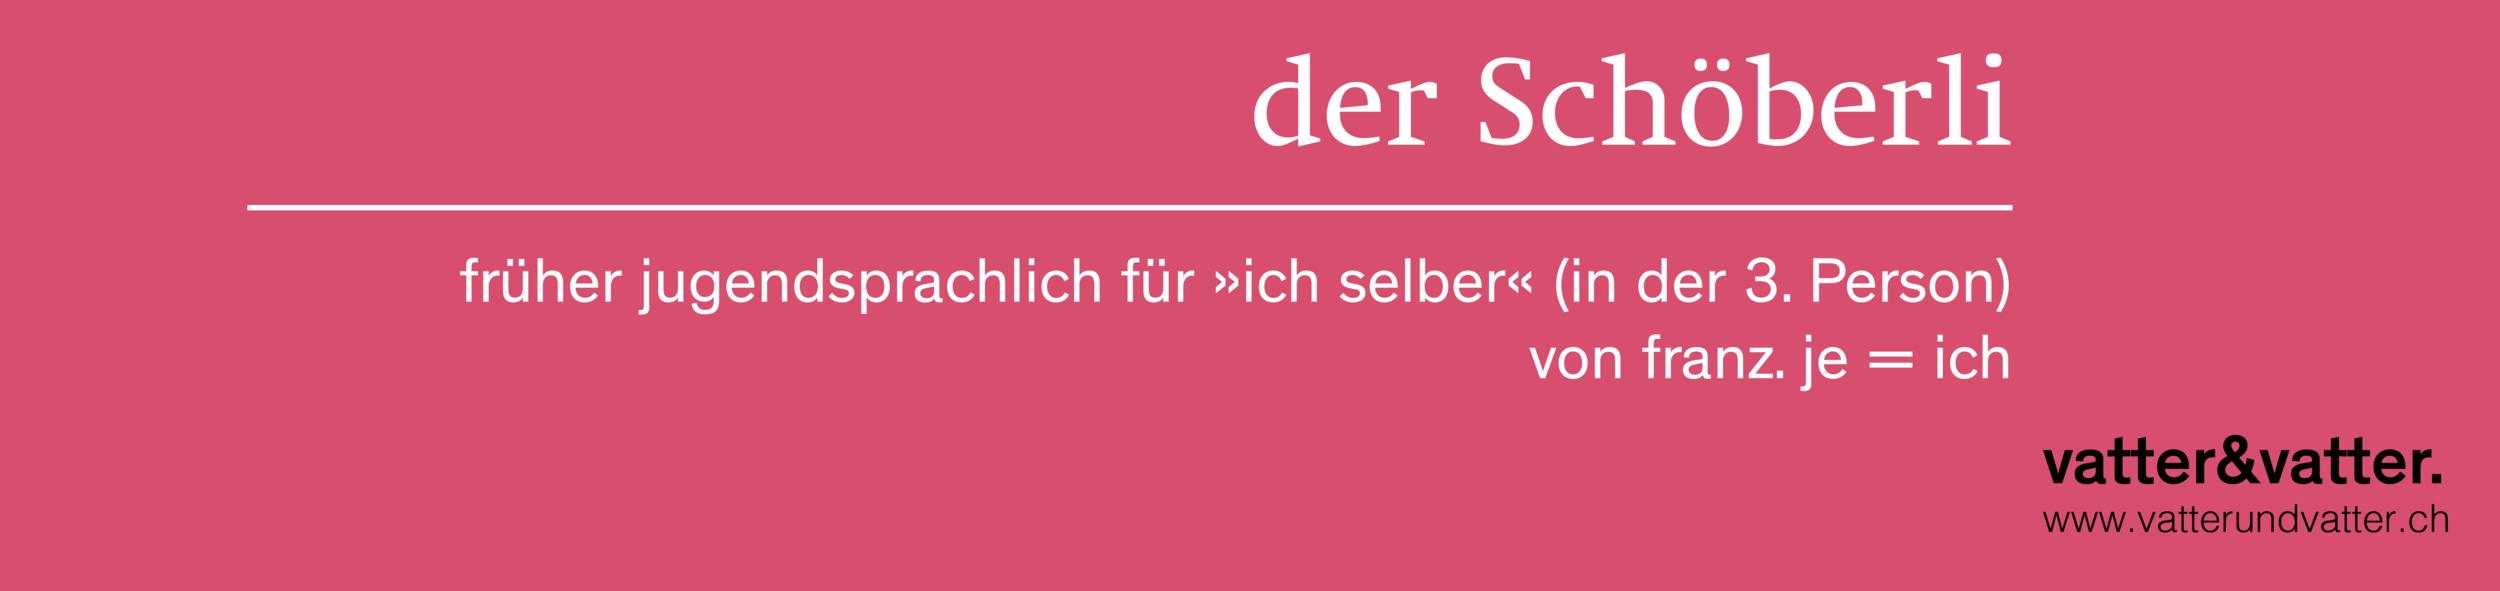 wortfaecher_slides8.png